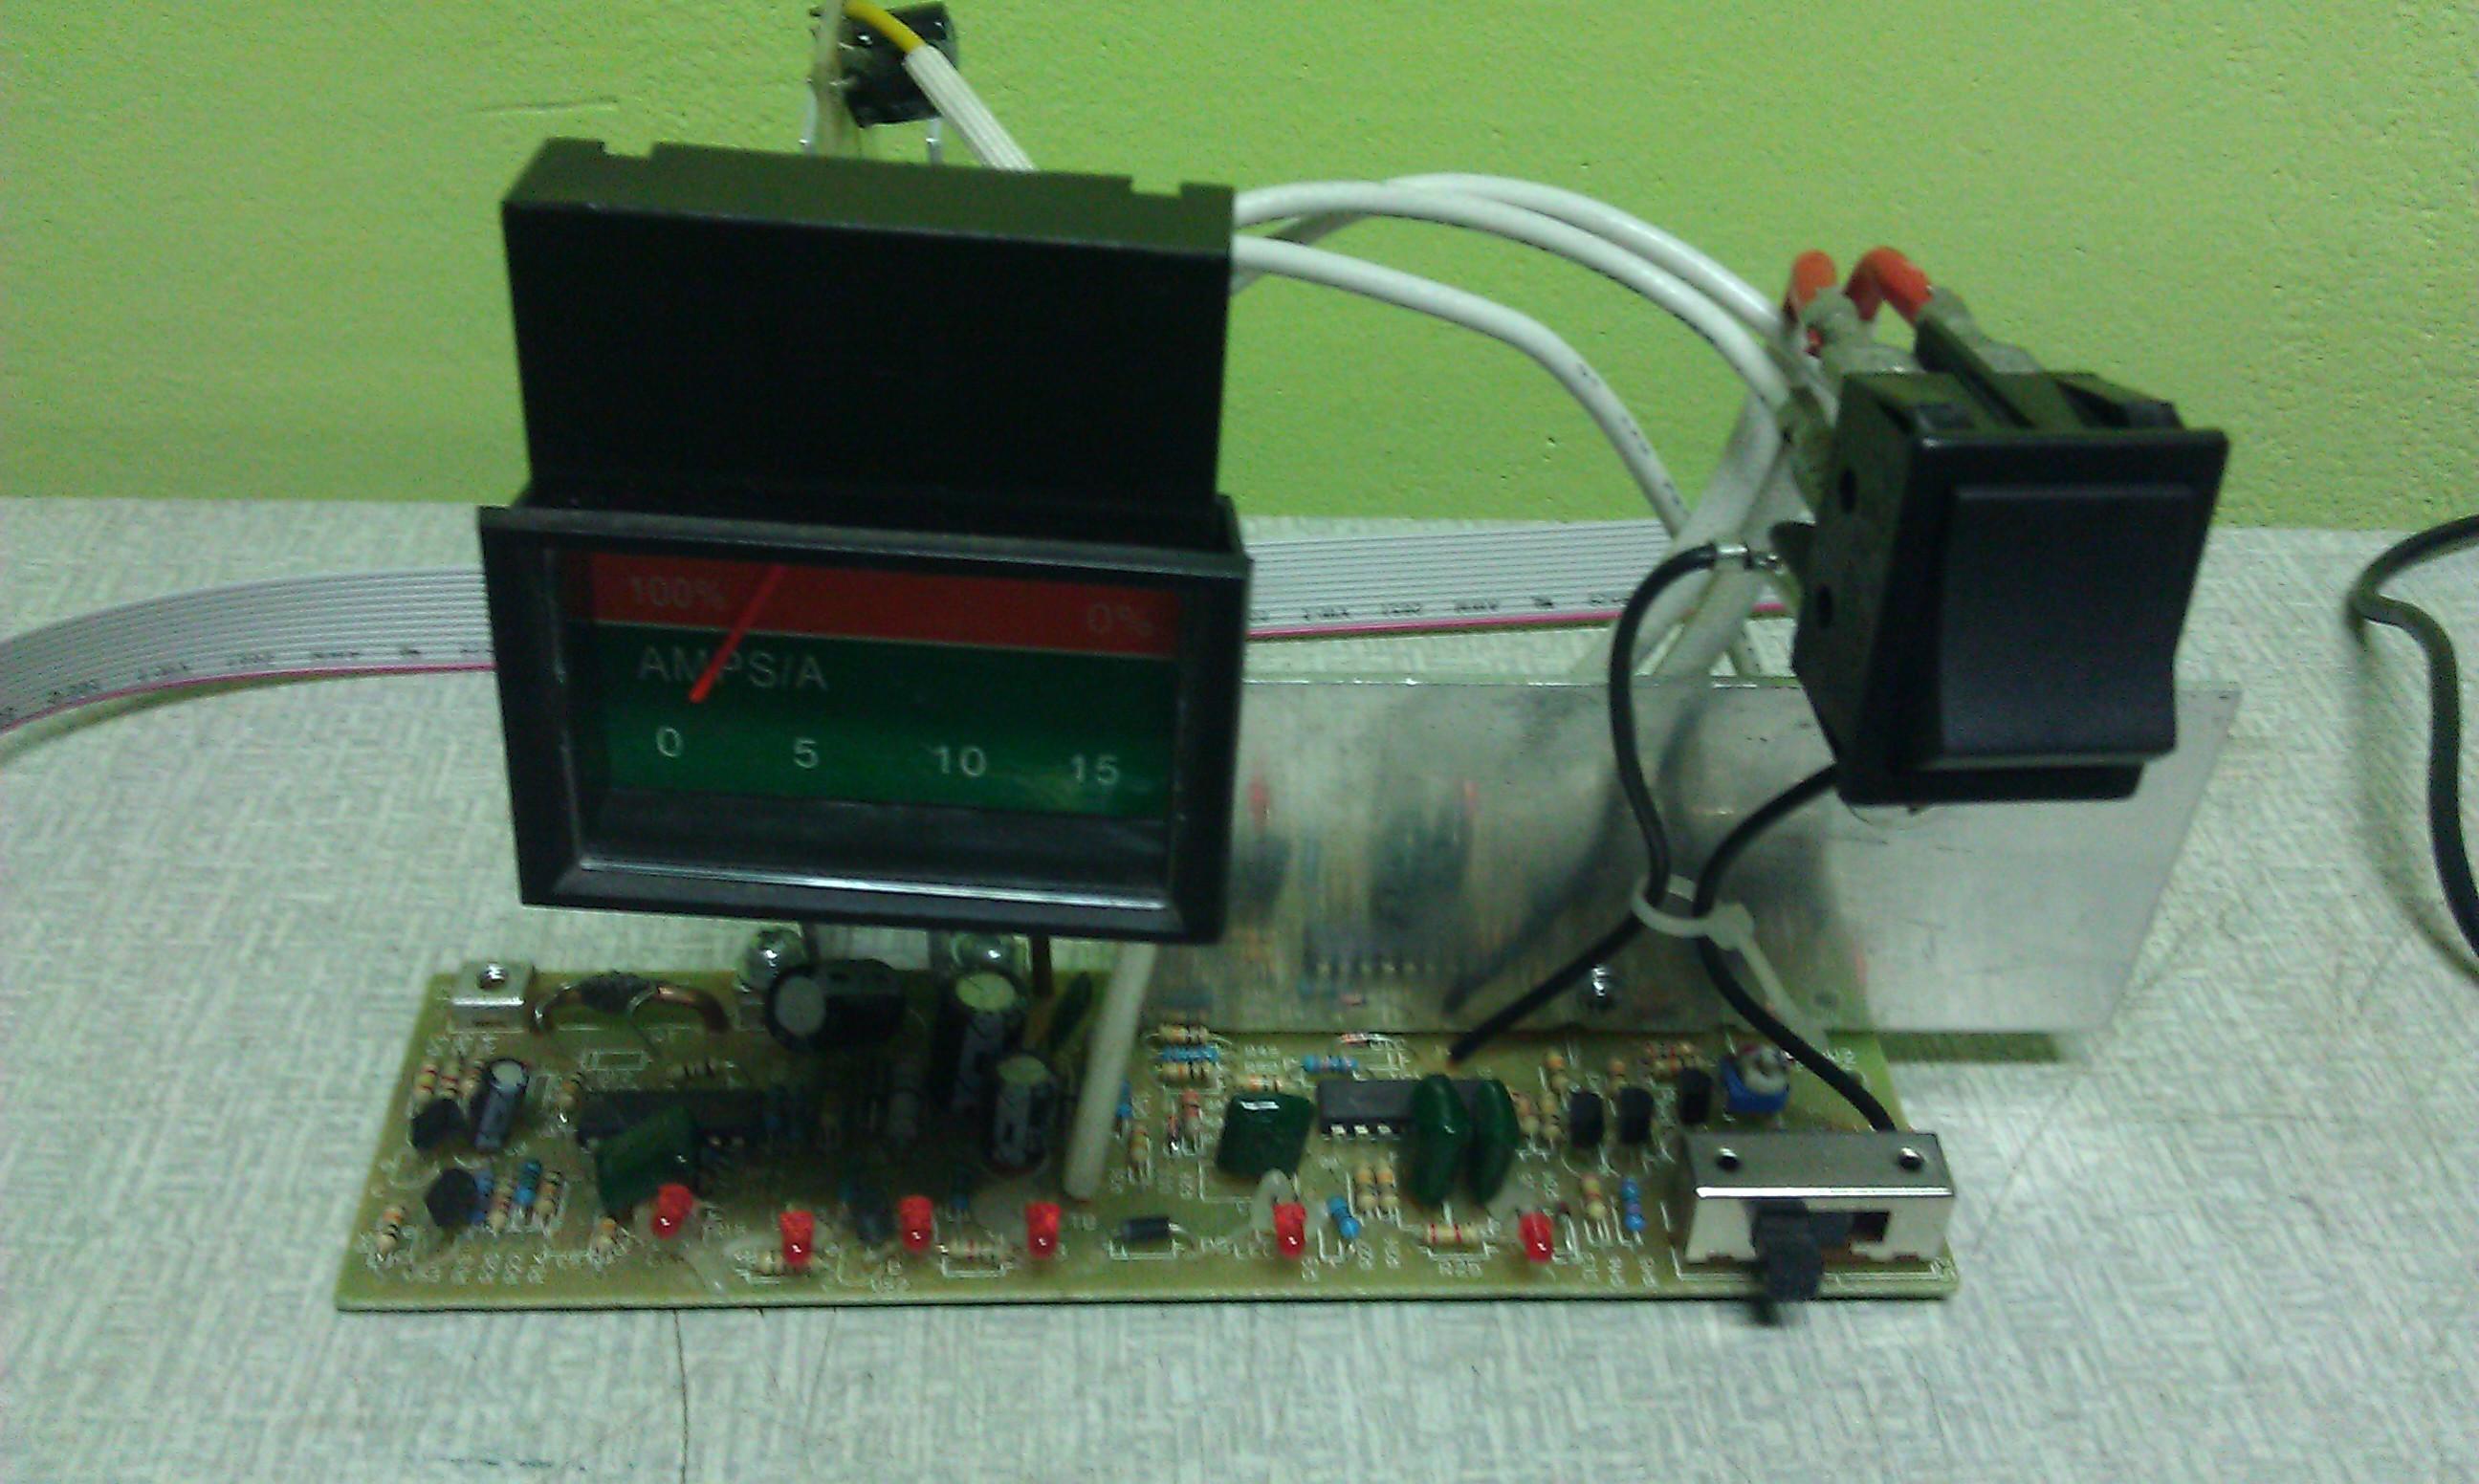 FERM PTC55-75B - Brak napi�cia na wyj�ciu po u�yciu funkcji Startu 75A